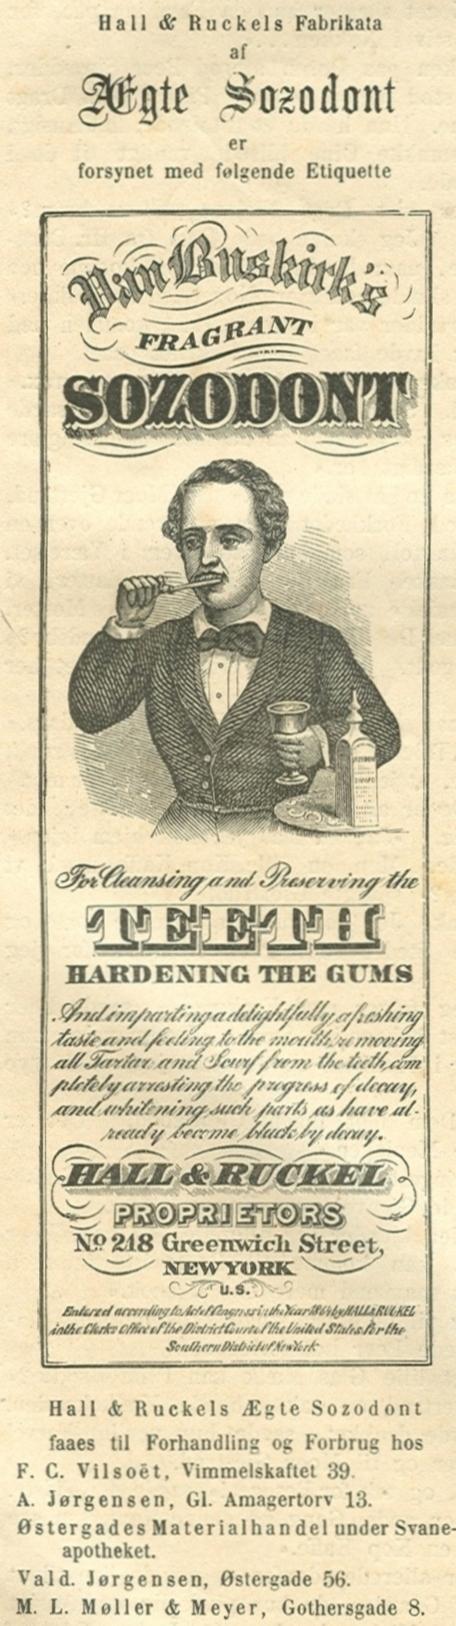 Gothersgade 8a-l - 30 - Annonce fra Illustreret Tidende nr.727, 31.august 1873